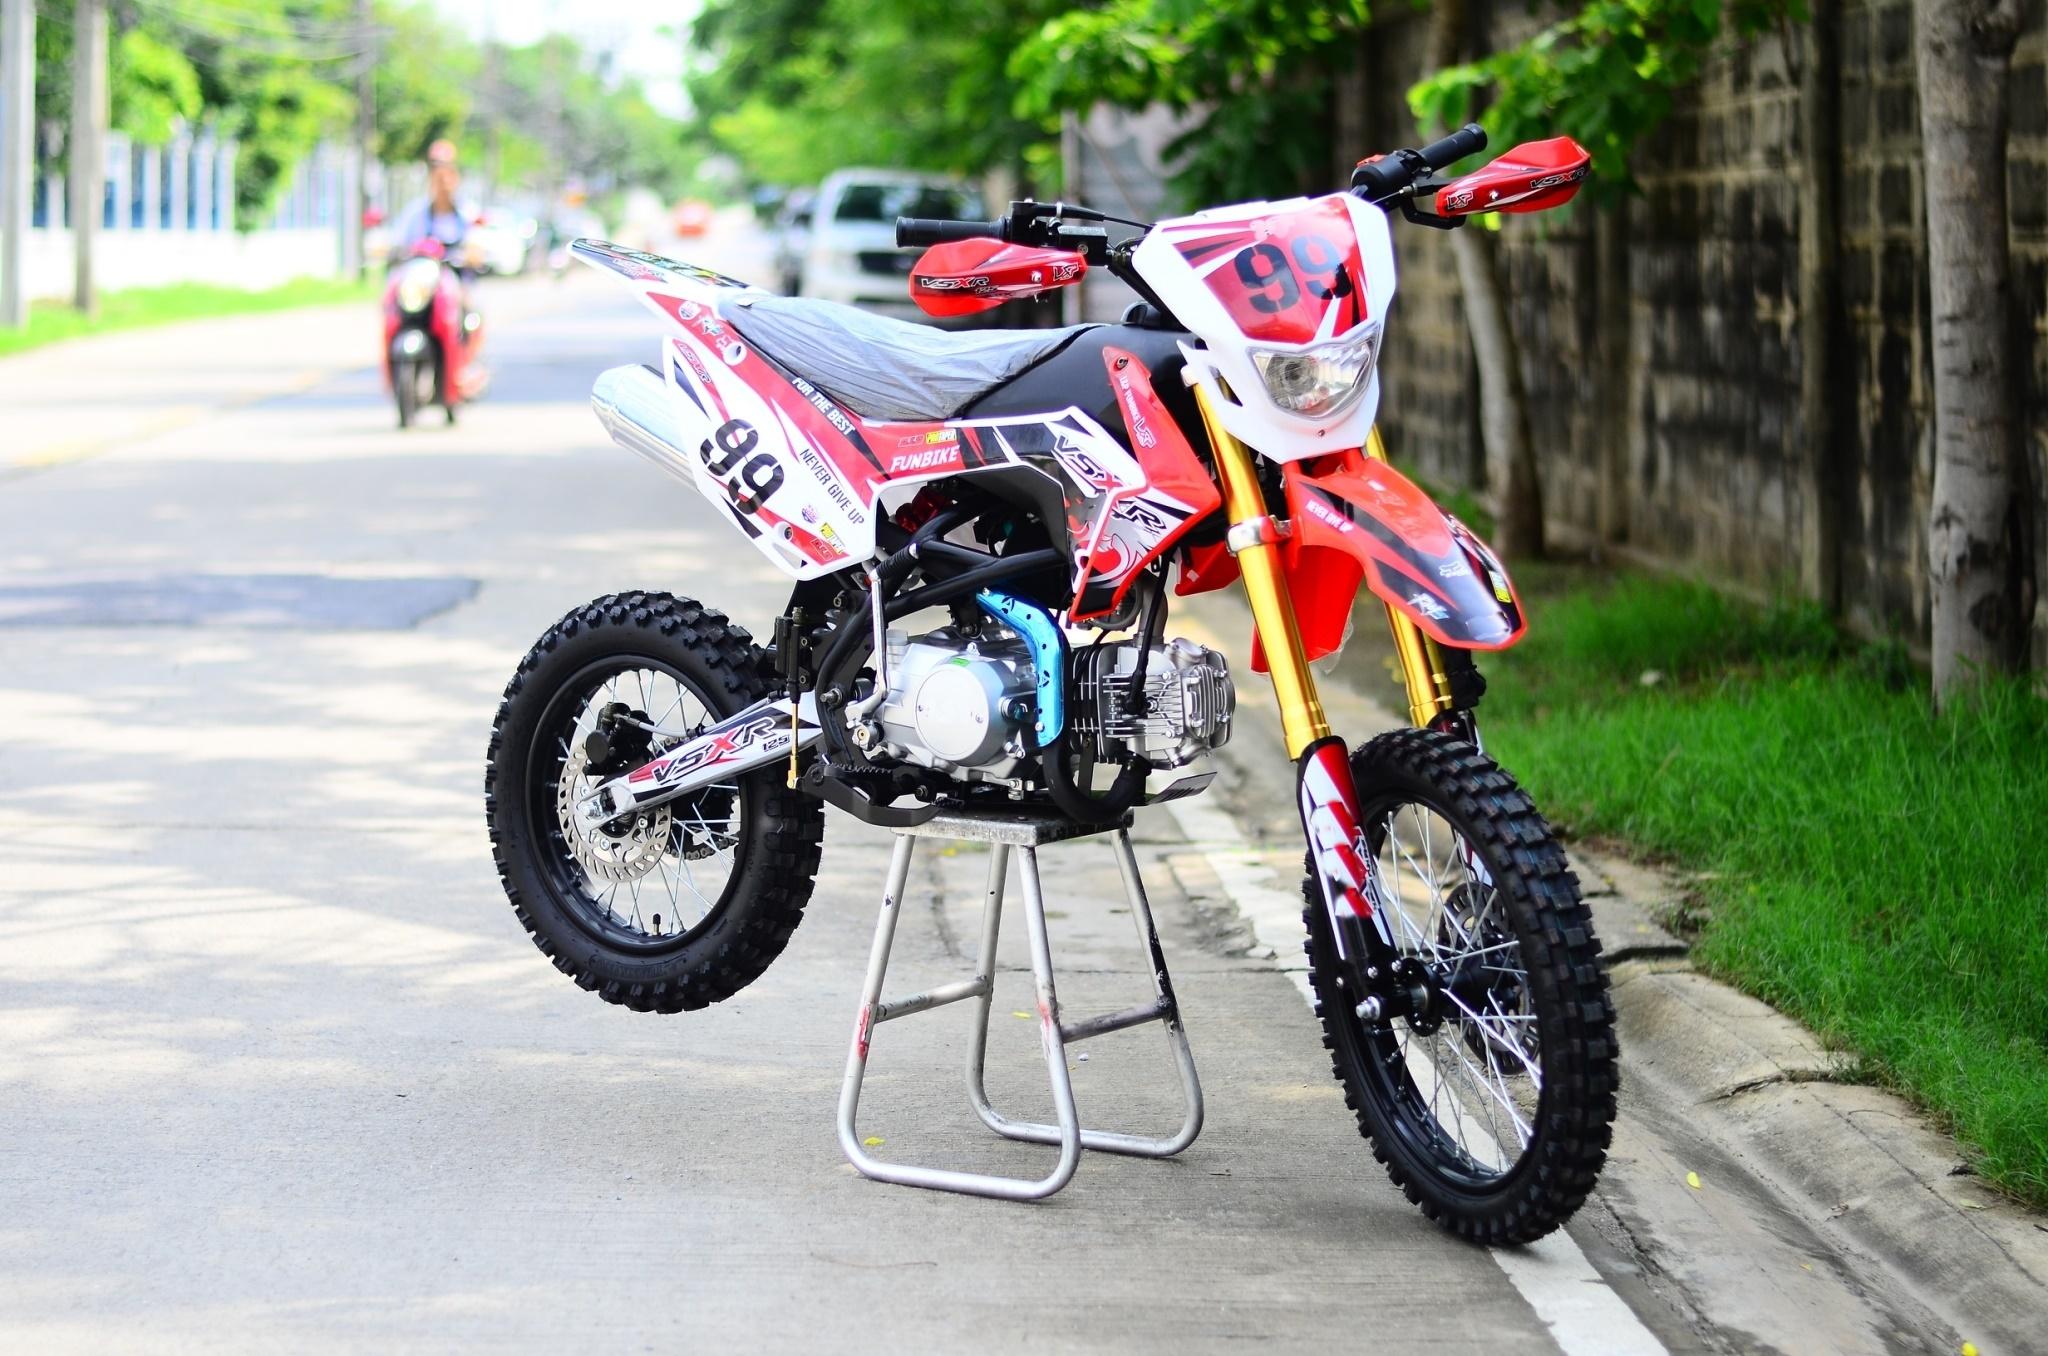 MOTO มอเตอร์ไซค์วิบาก 80 กม./ชม. ระยะ 200 กิโลเมตร